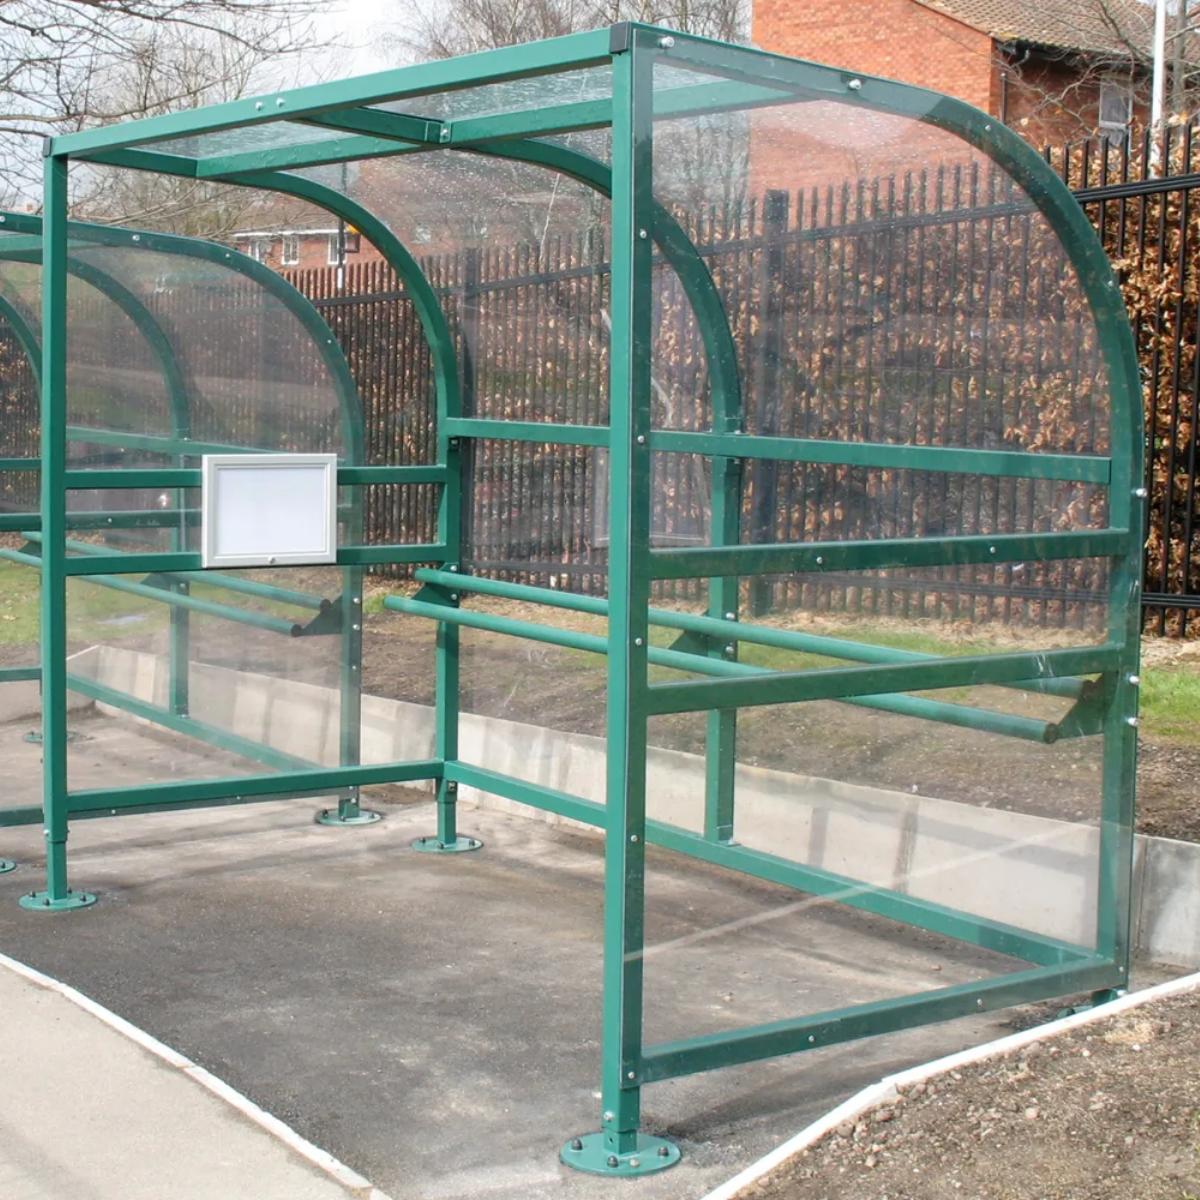 Harrowby Passenger Shelter